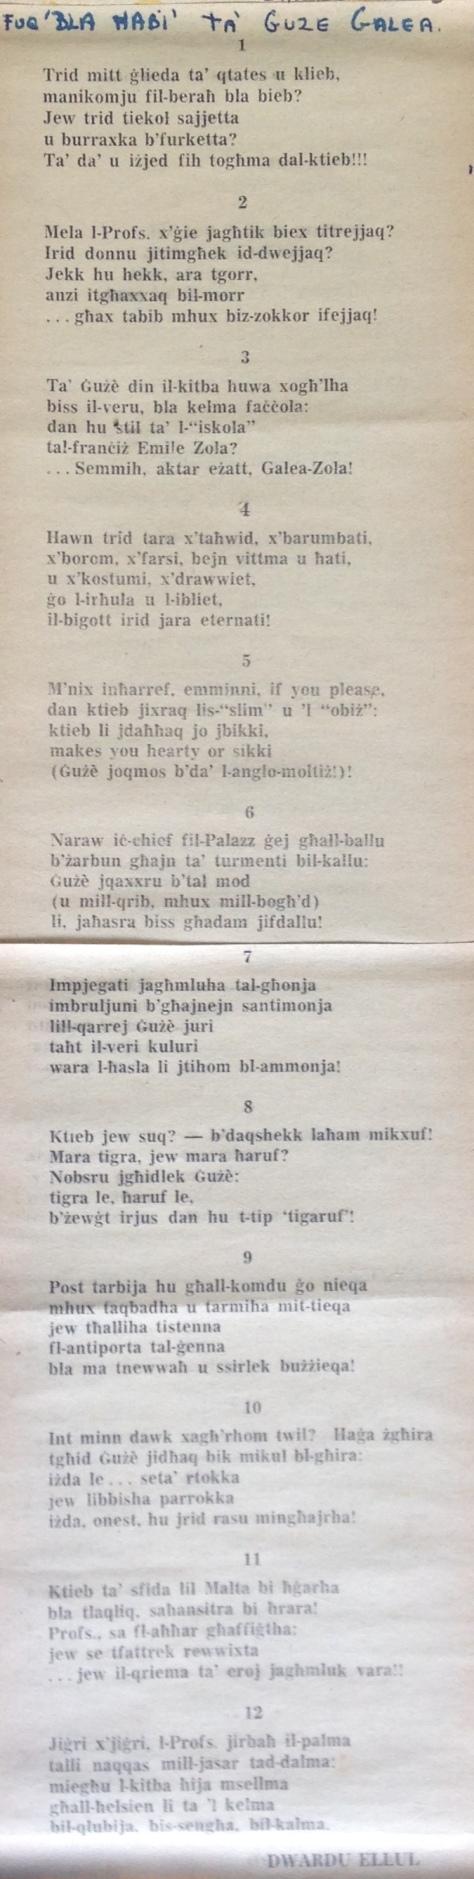 Dwardu Ellul - Limerikki 1972 - Fuq Bla Ħabi Ġużè Galea